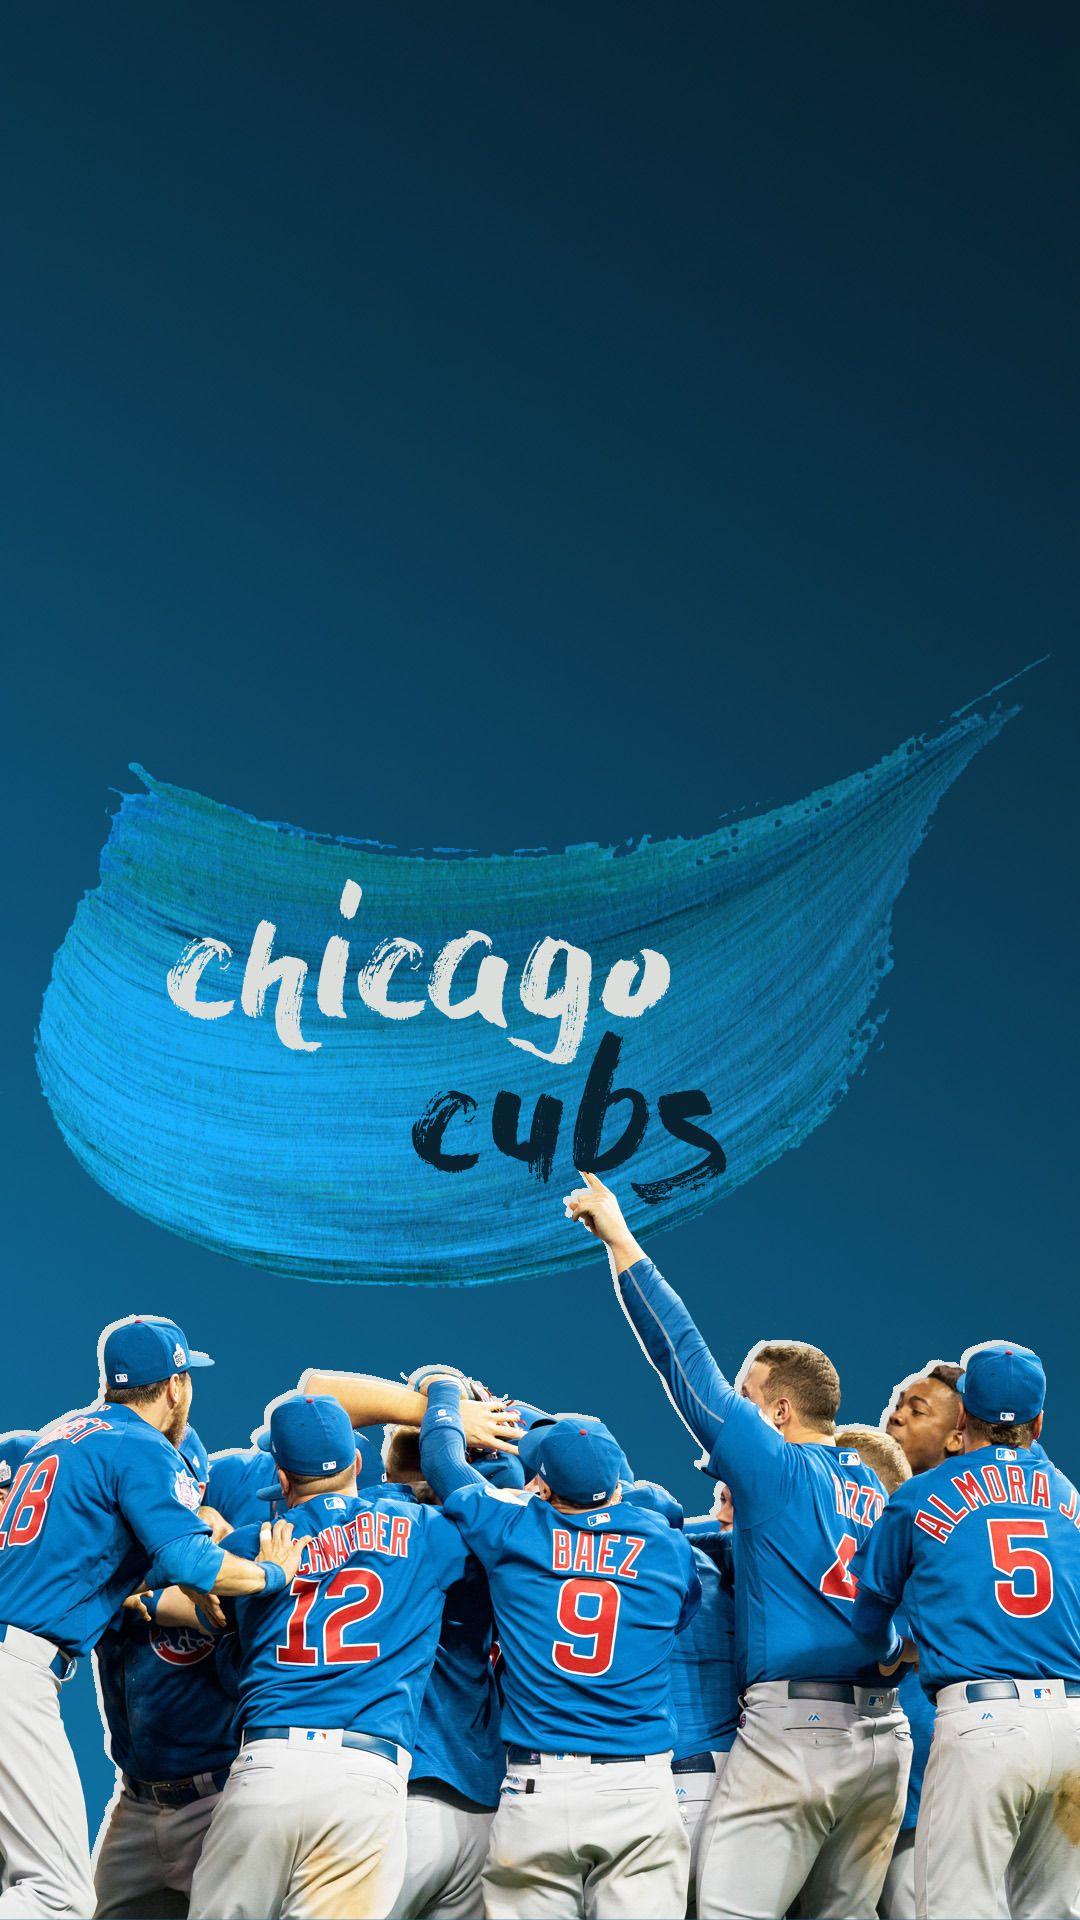 World Series Cubs Wallpaper Cubs Wallpaper Cubs World Series Chicago Cubs Wallpaper